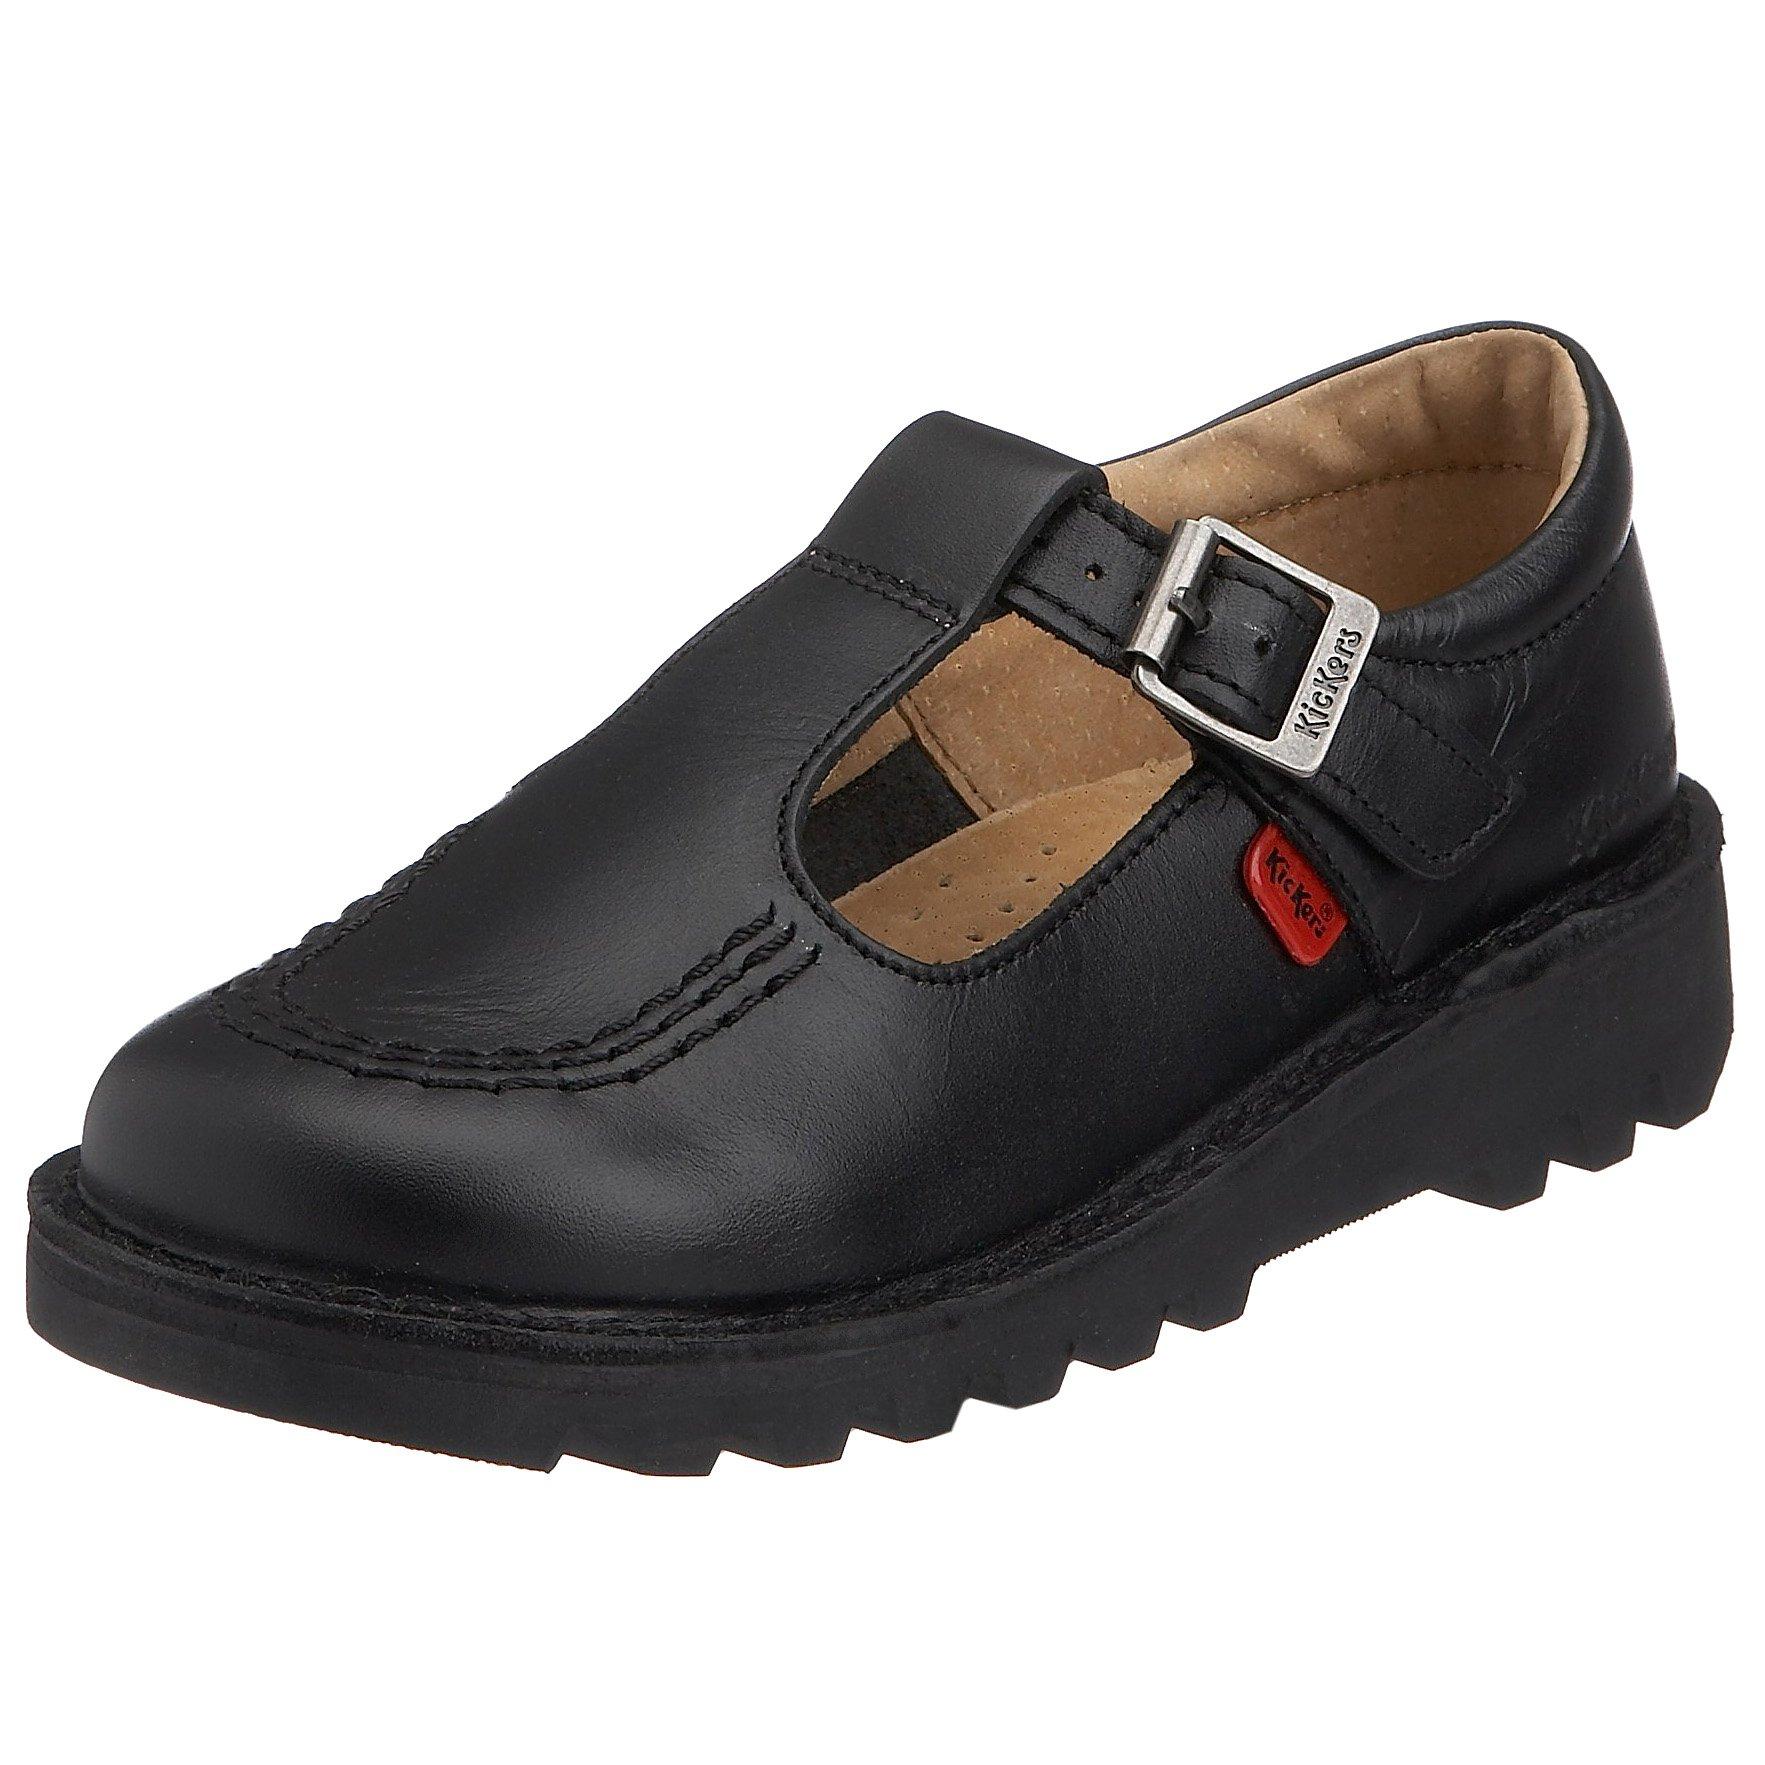 Kickers Kick T I Core Black Leather Shoes-UK 10 Infant